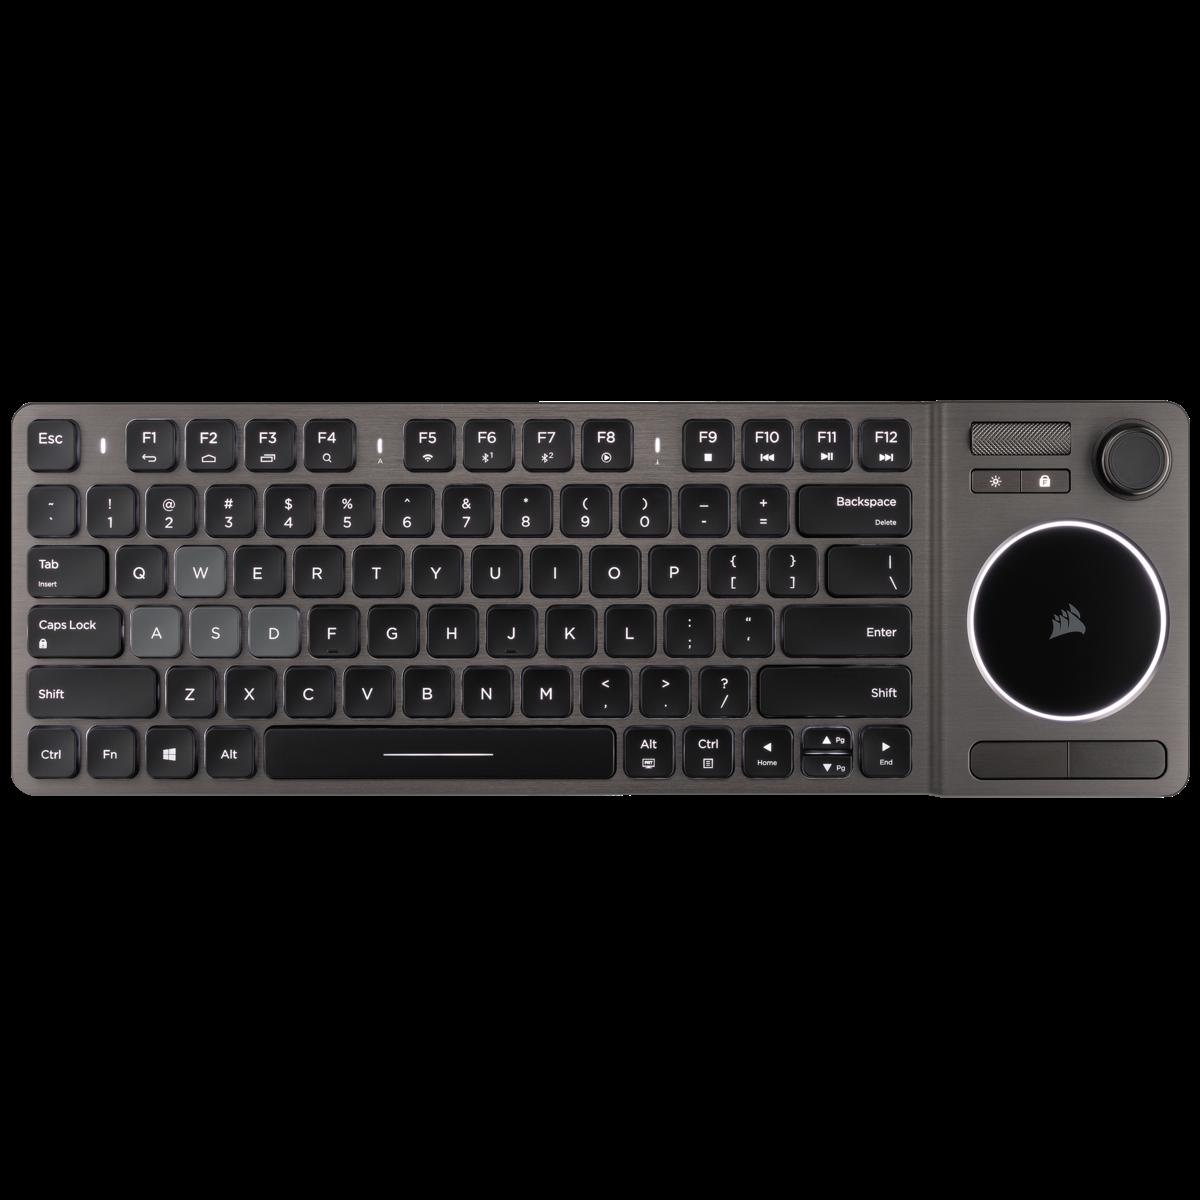 커세어 K83 무선 엔터테인먼트 키보드, 블랙